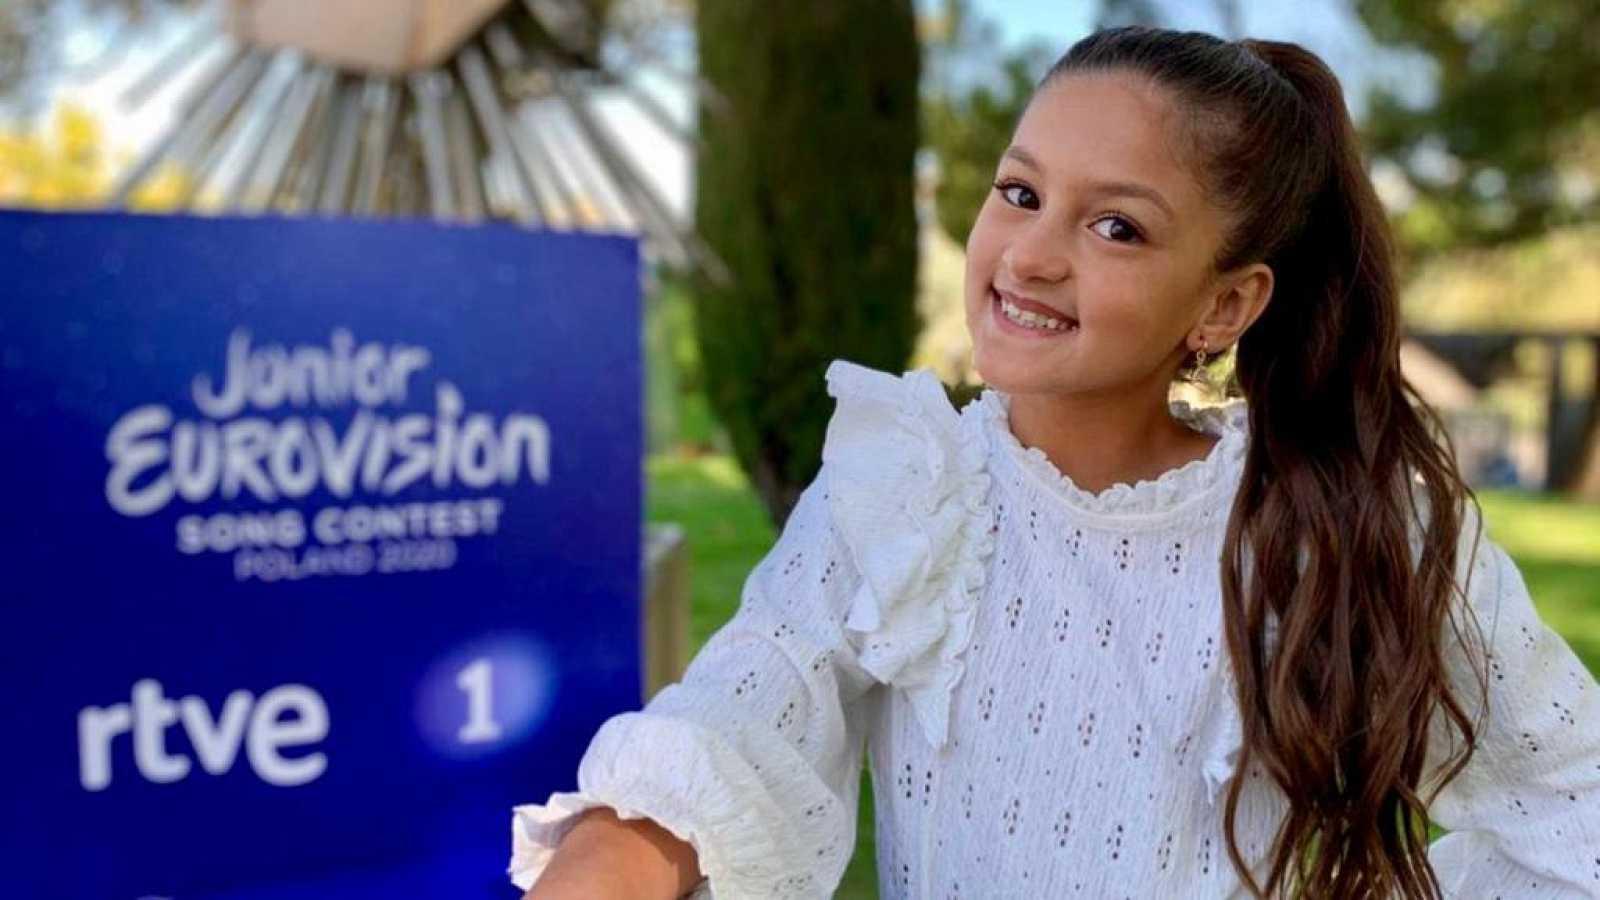 No es un día cualquiera - Eurovisión junior 2020 - Elisenda Roca - 'La pantalla' - 28/11/2020 - Escuchar ahora